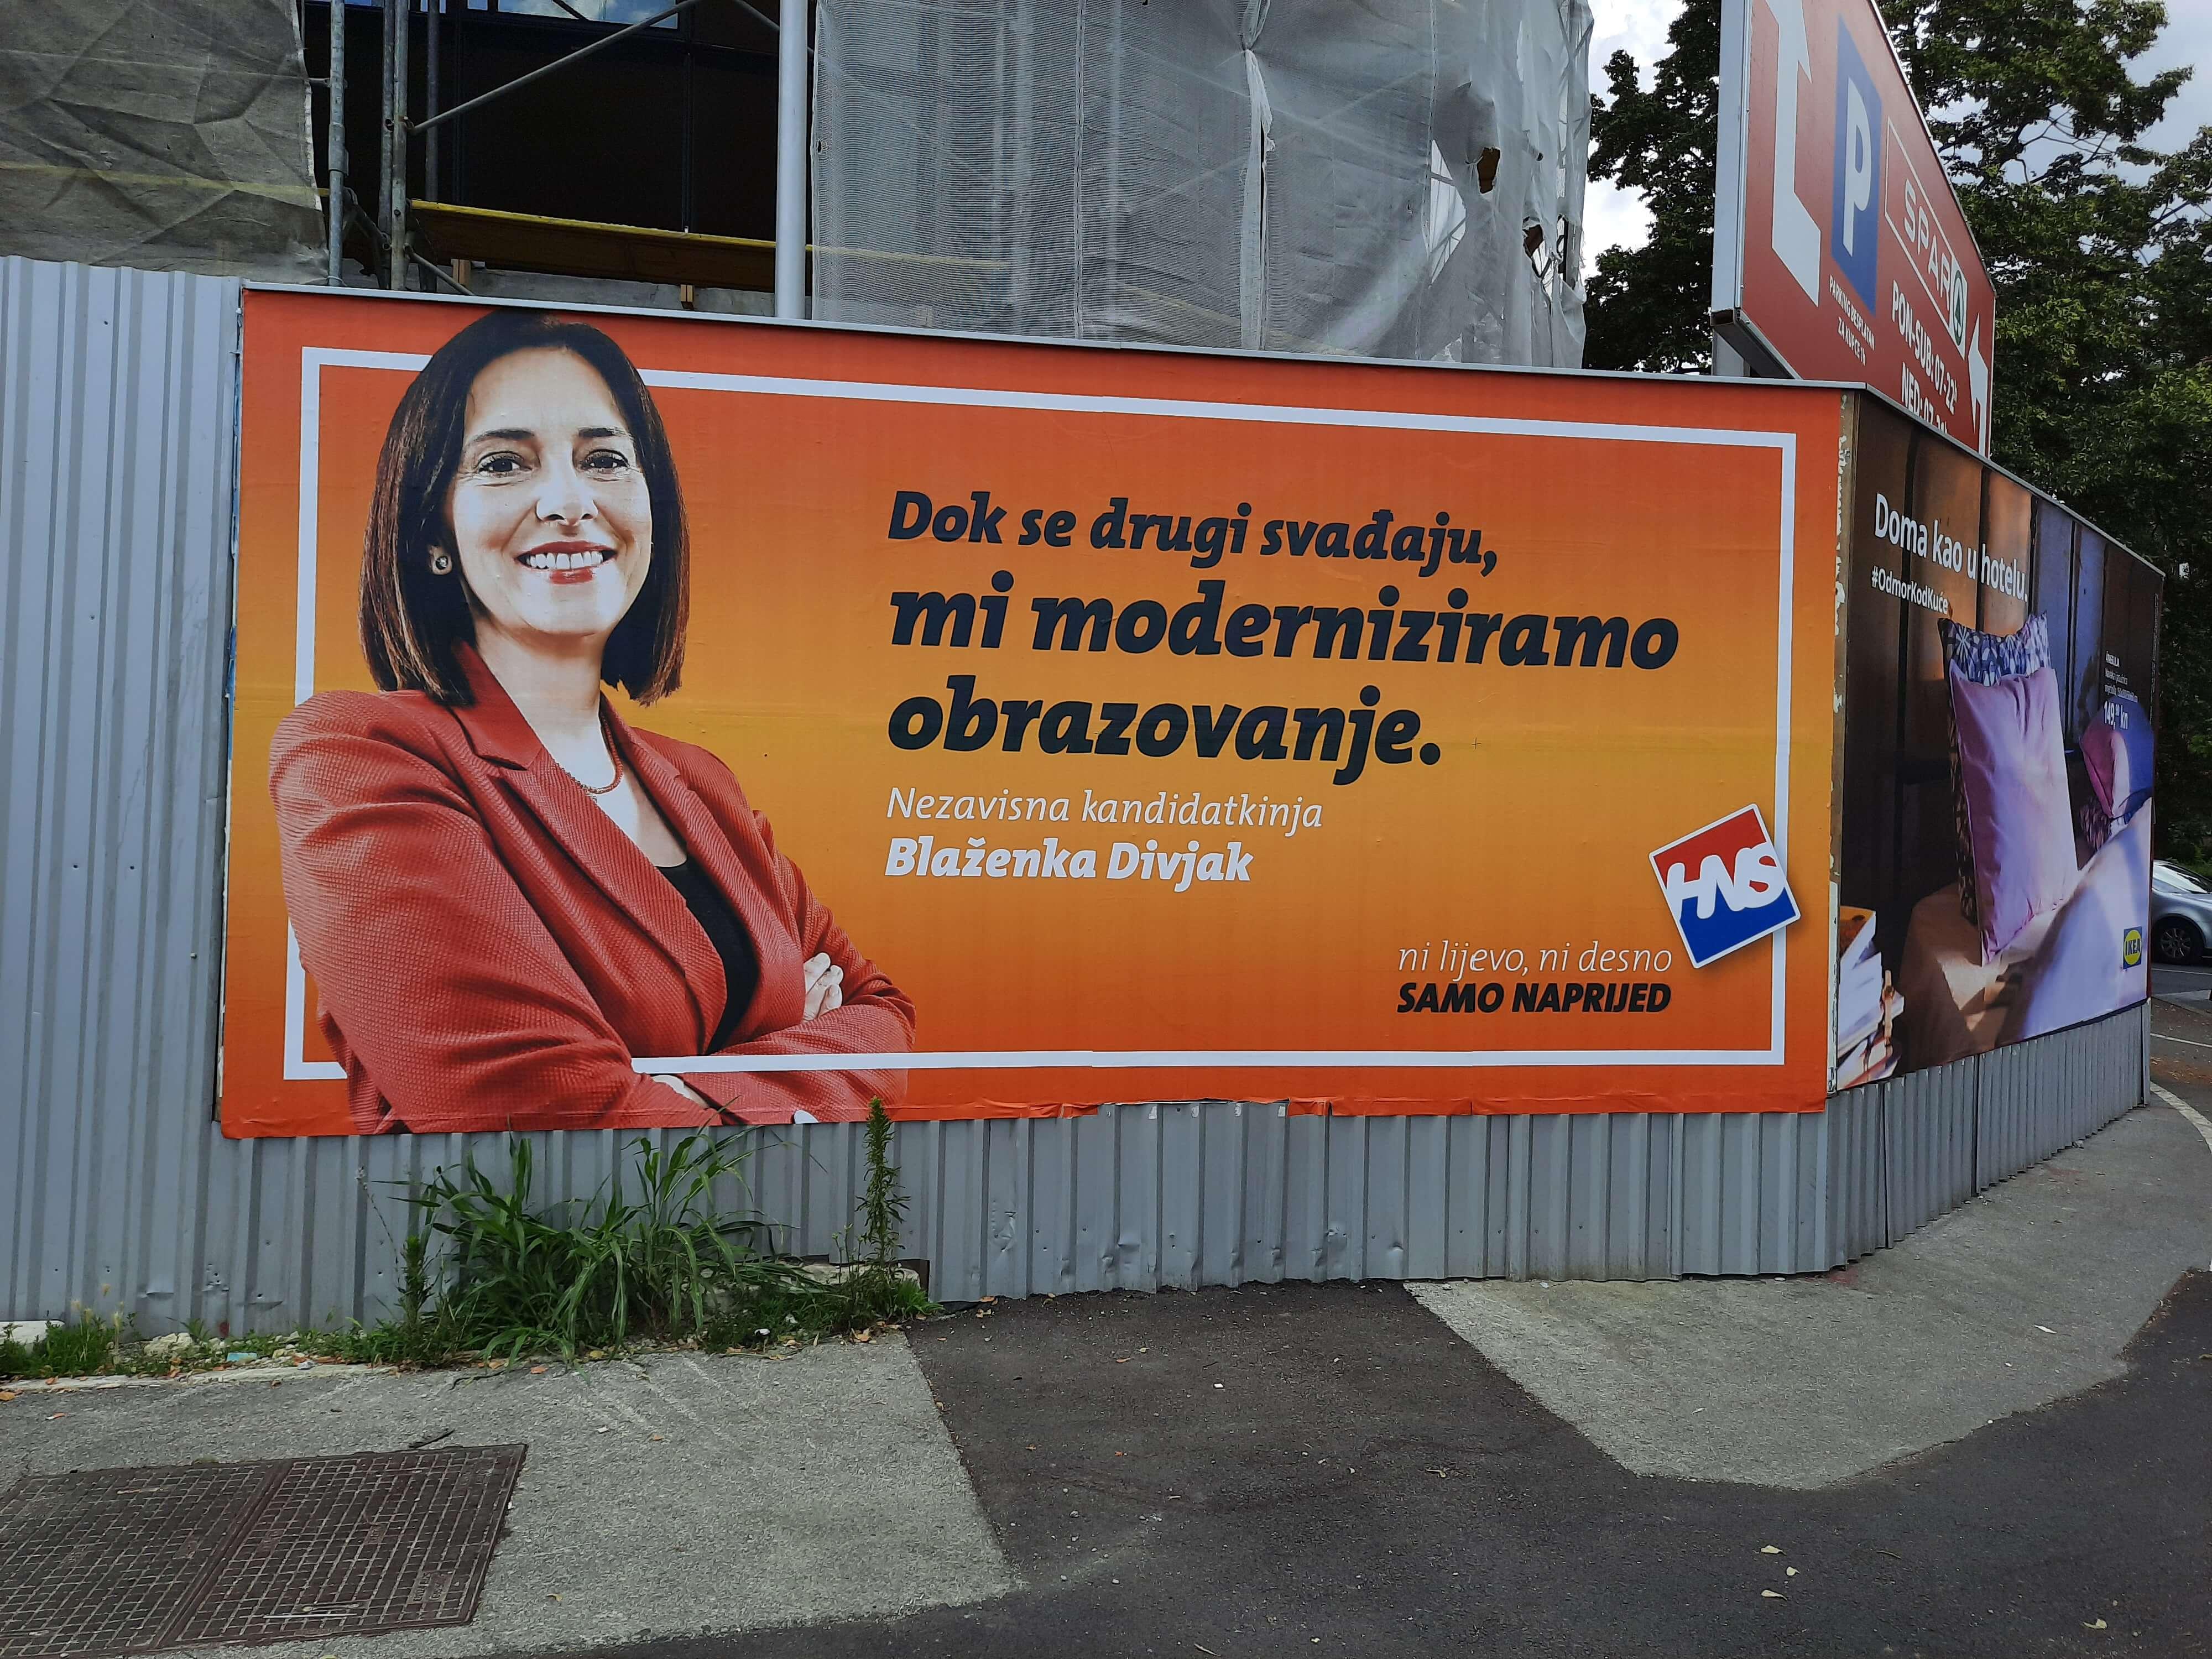 Matematičarka, a ne političarka? Divjak tvrdi da je nezavisna kandidatkinja, a smiješi se s plakata HNS-a